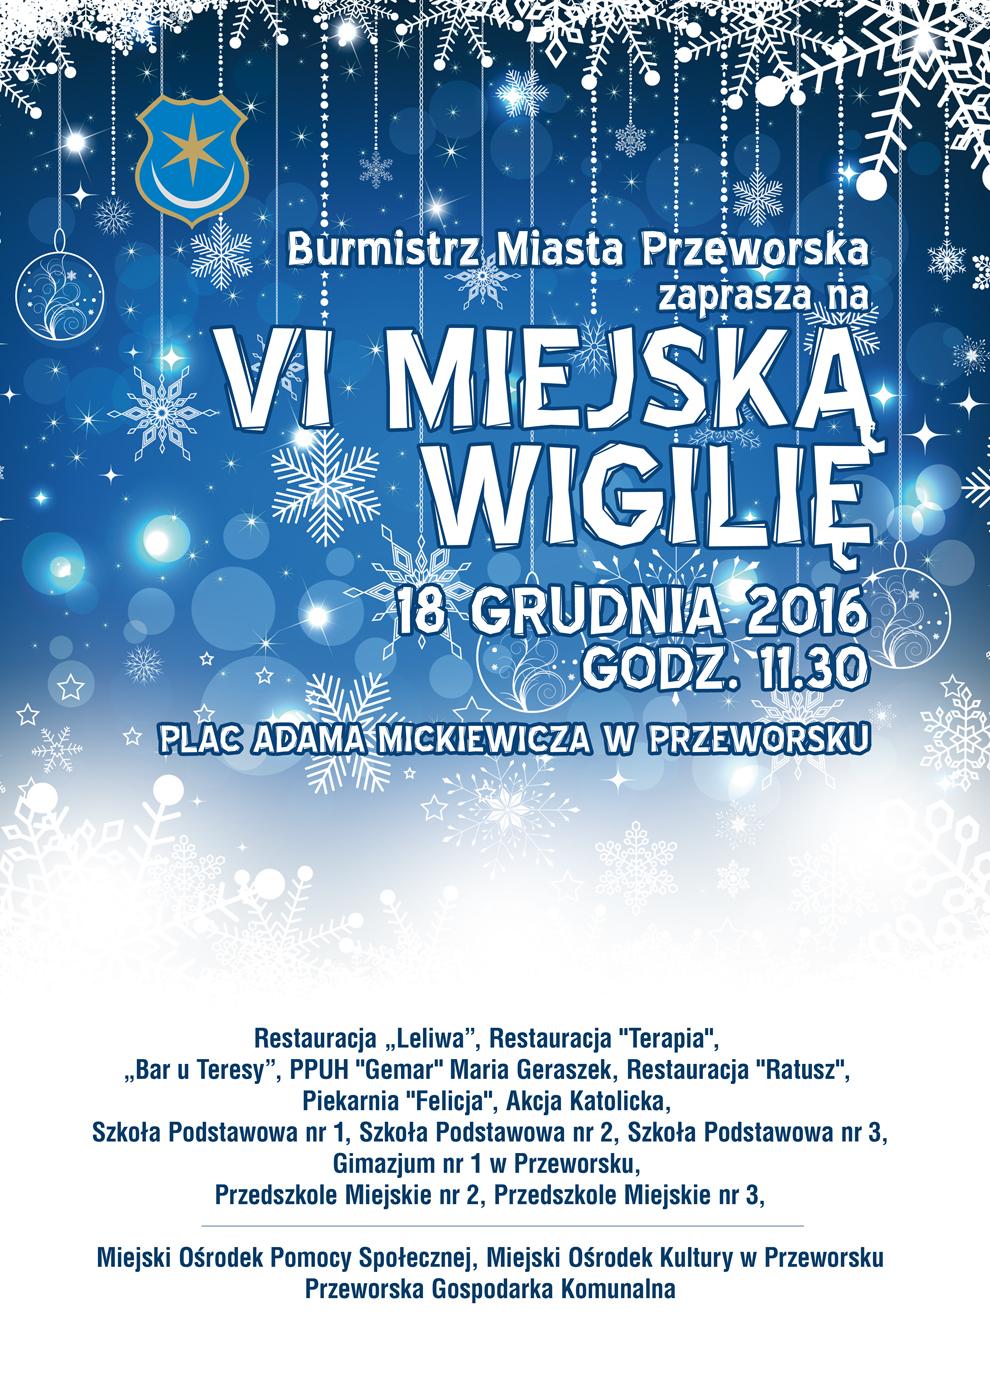 vi-wigilia-miejska_web-2